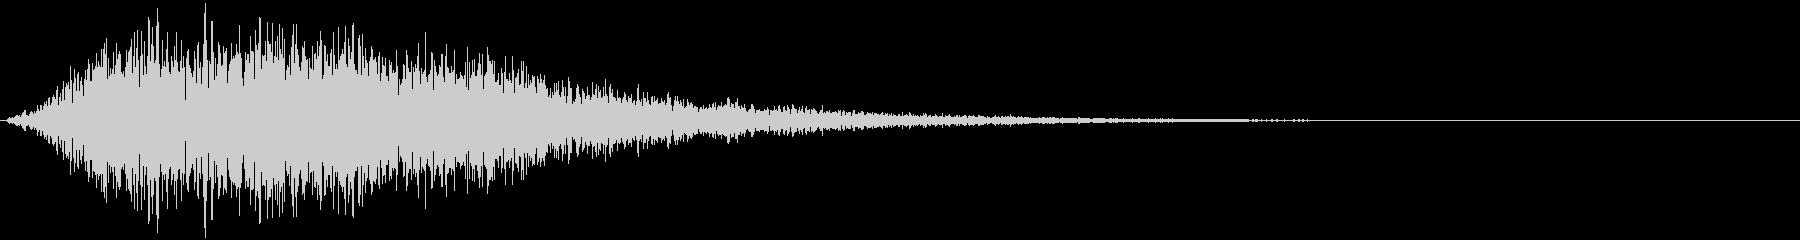 【ダーク】重低音_衝撃音_02の未再生の波形